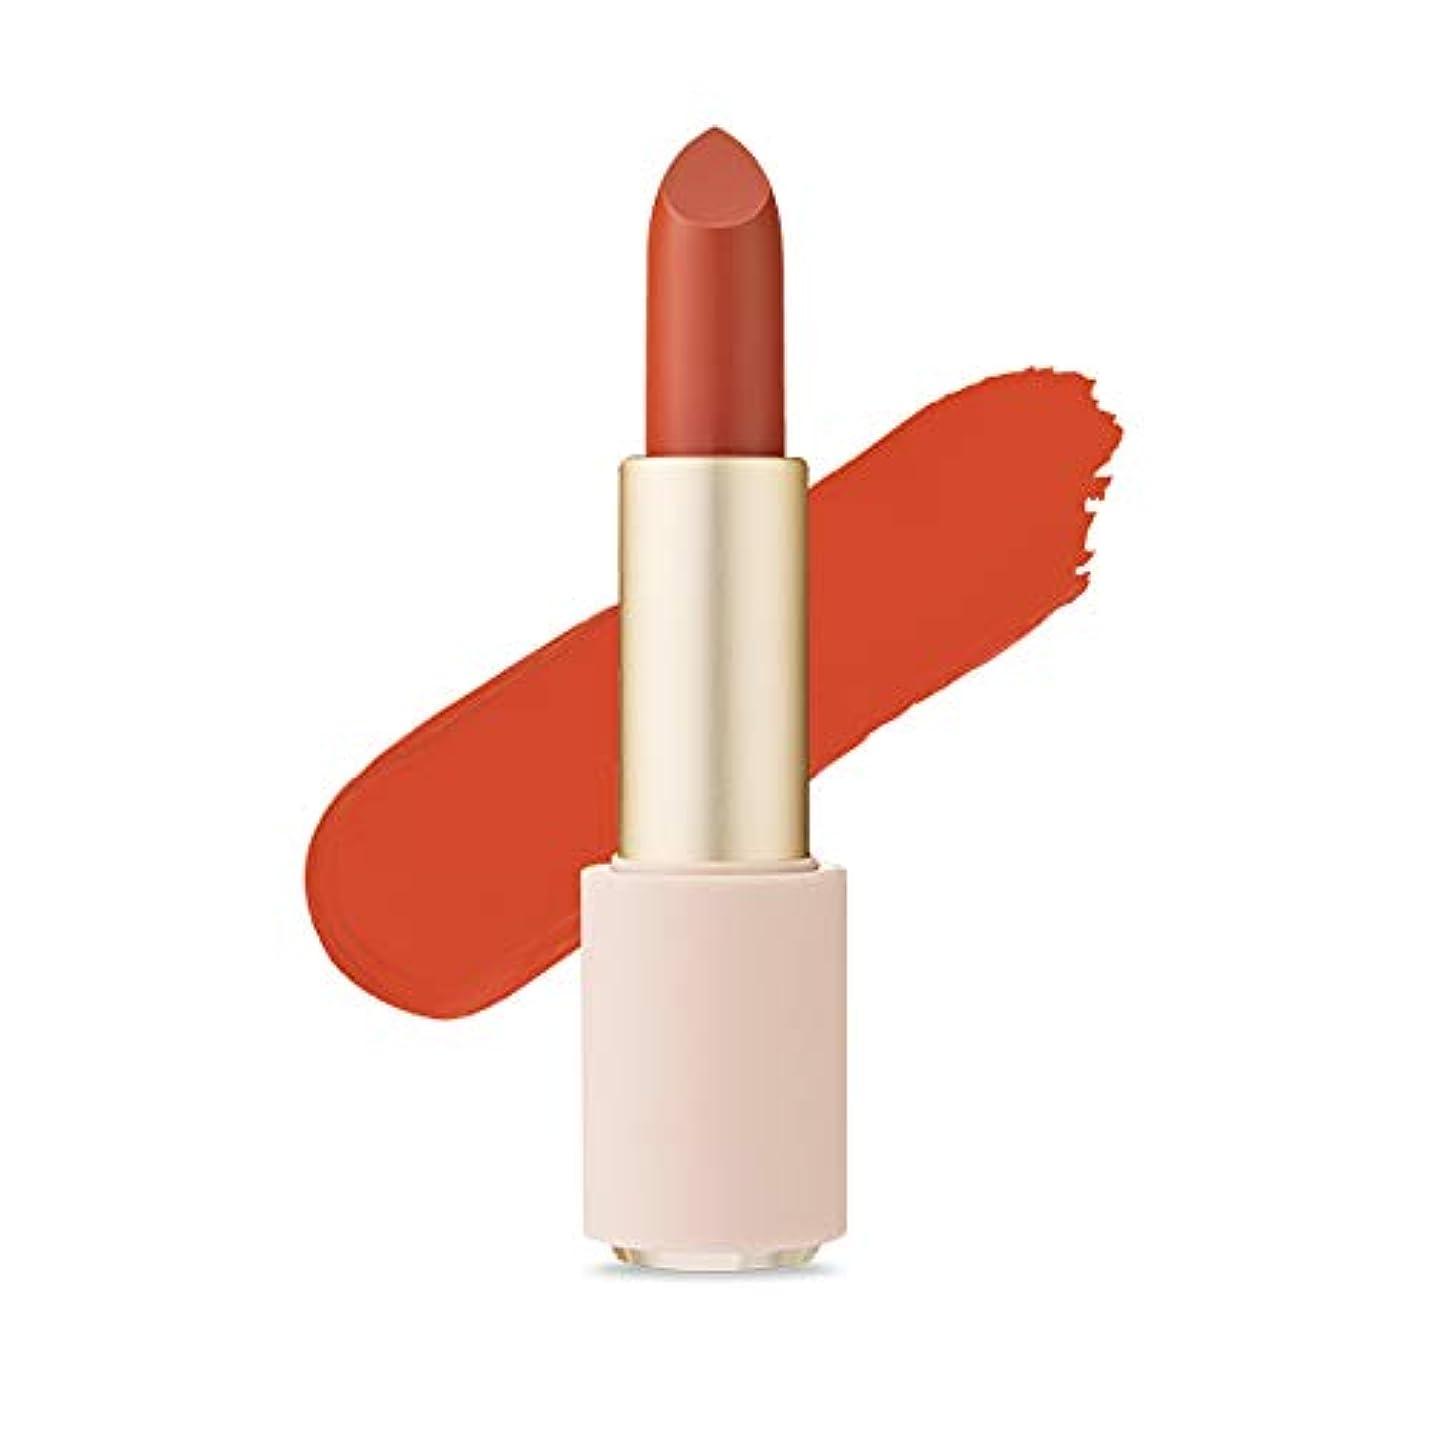 ホームつまずく特許Etude House Better Lips Talk Velvet エチュードハウス ベター リップス - トーク ベルベット (# BR401 Orange Brick) [並行輸入品]